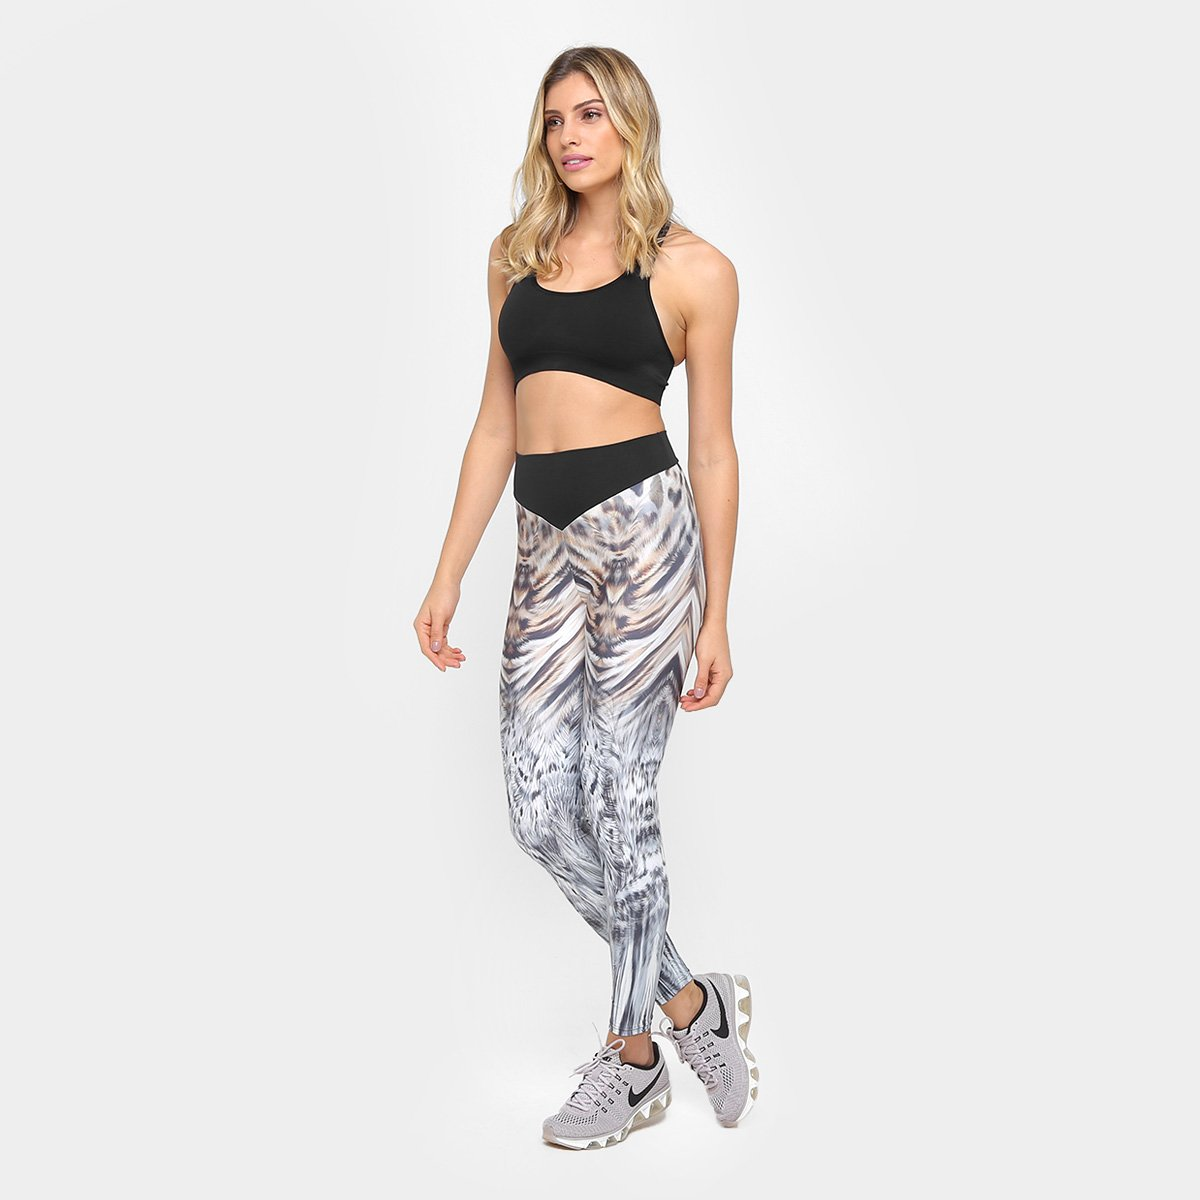 Legging Colcci Legging Fitness Cinza Preto Animal Colcci e Fitness Print awdq57wT